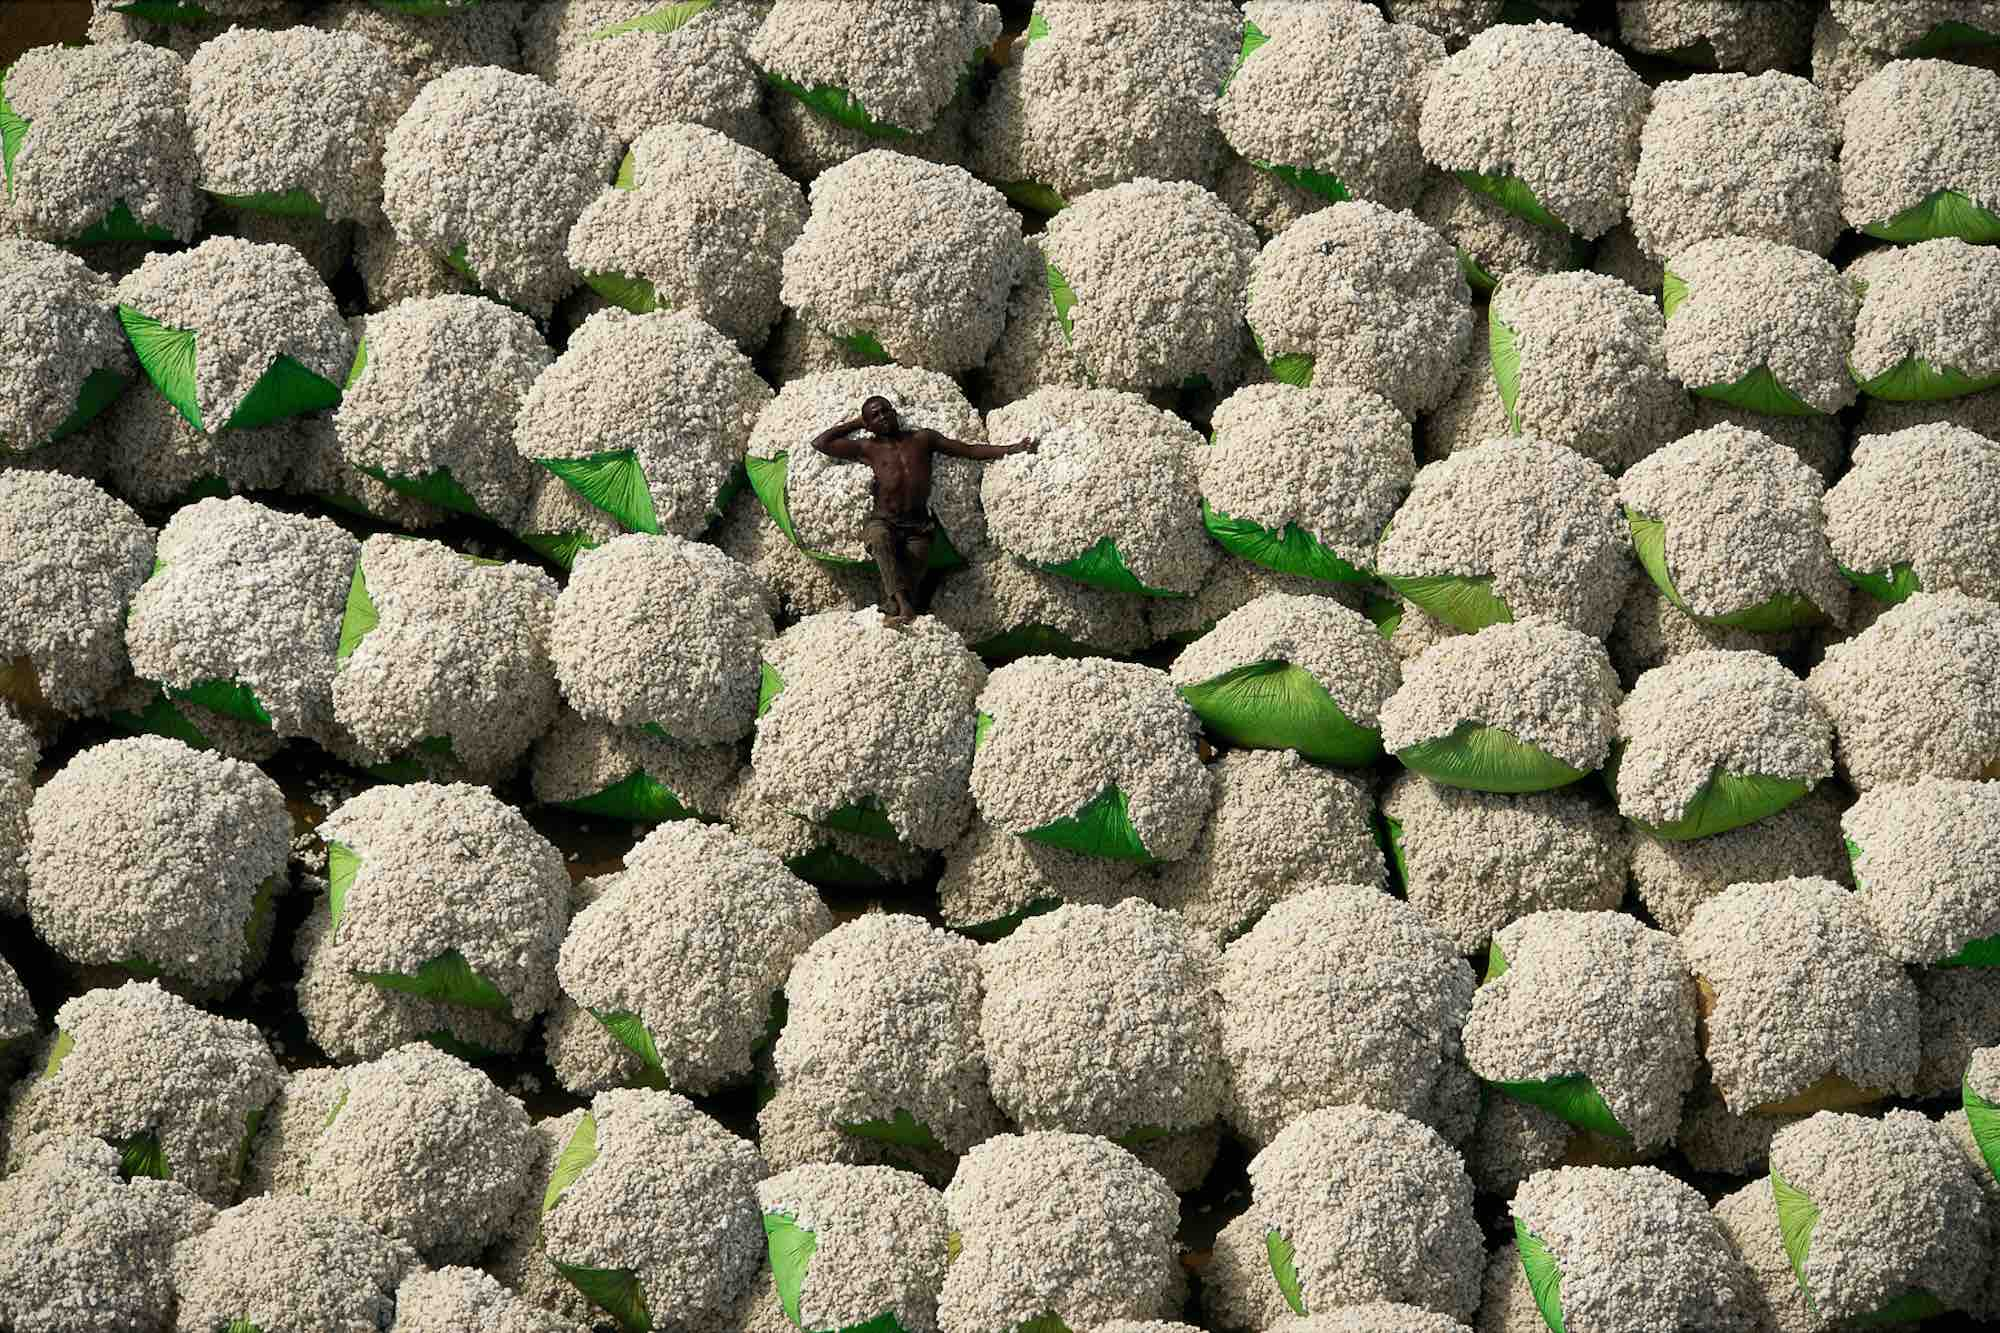 L'homme et le coton - Yann Arthus-Bertrand